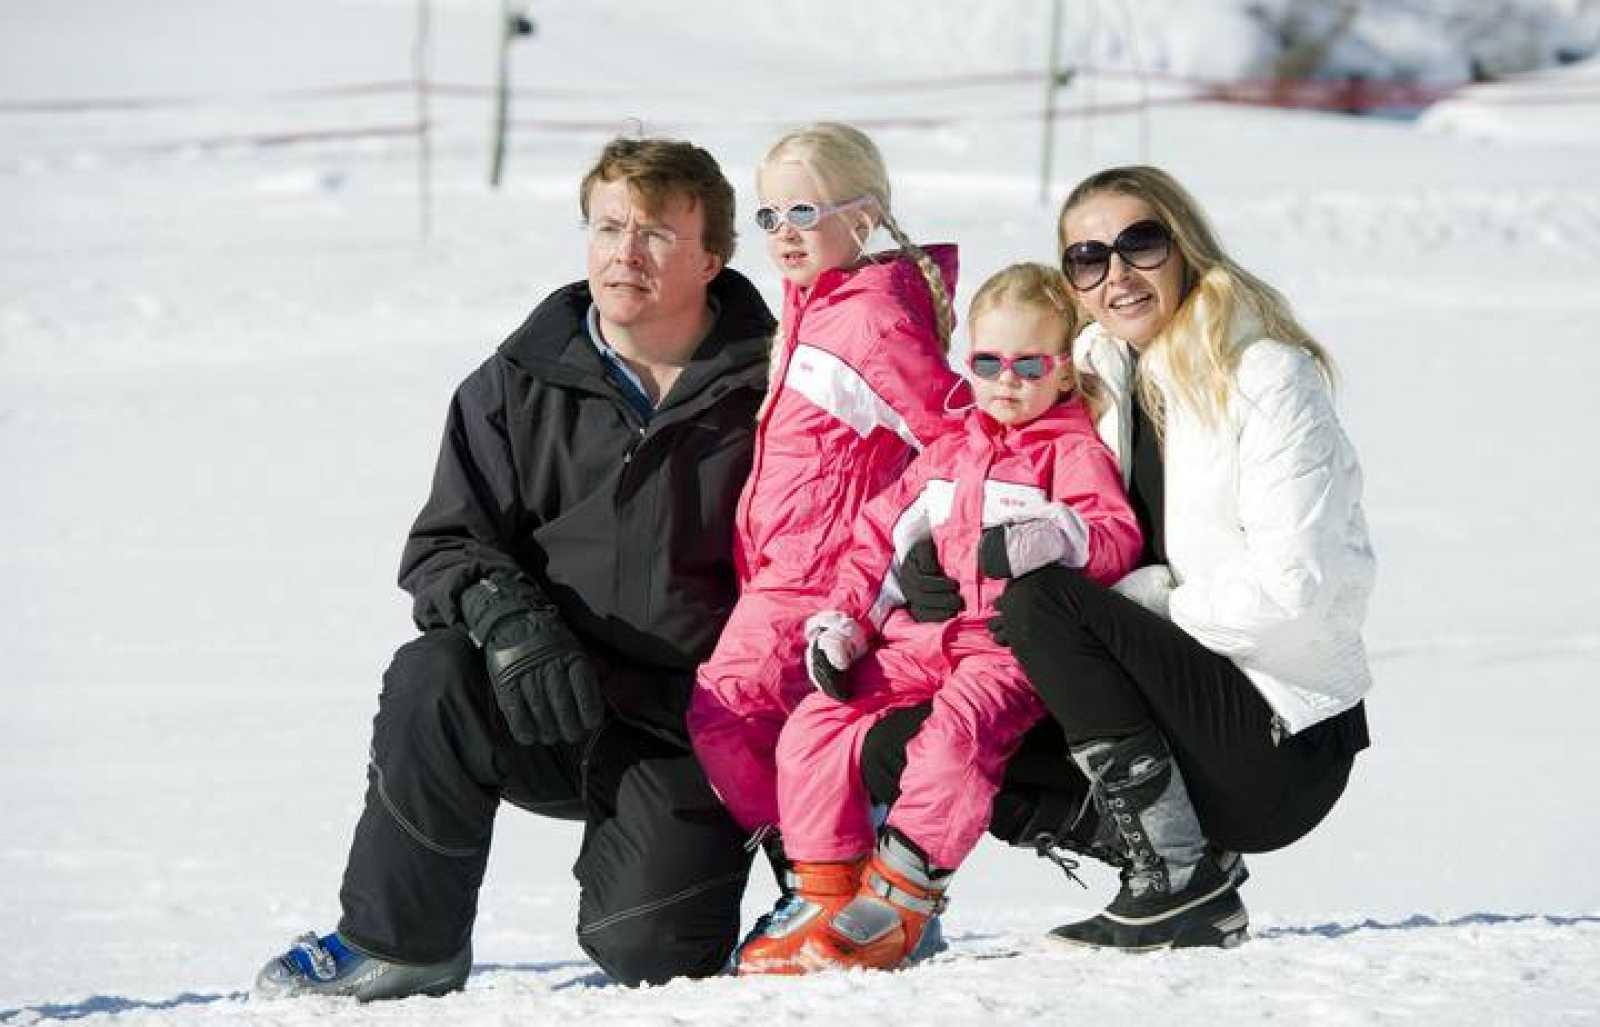 El príncipe Johan Friso junto con su familia pasando las vacaciones en Austria, en una imagen de archivo.